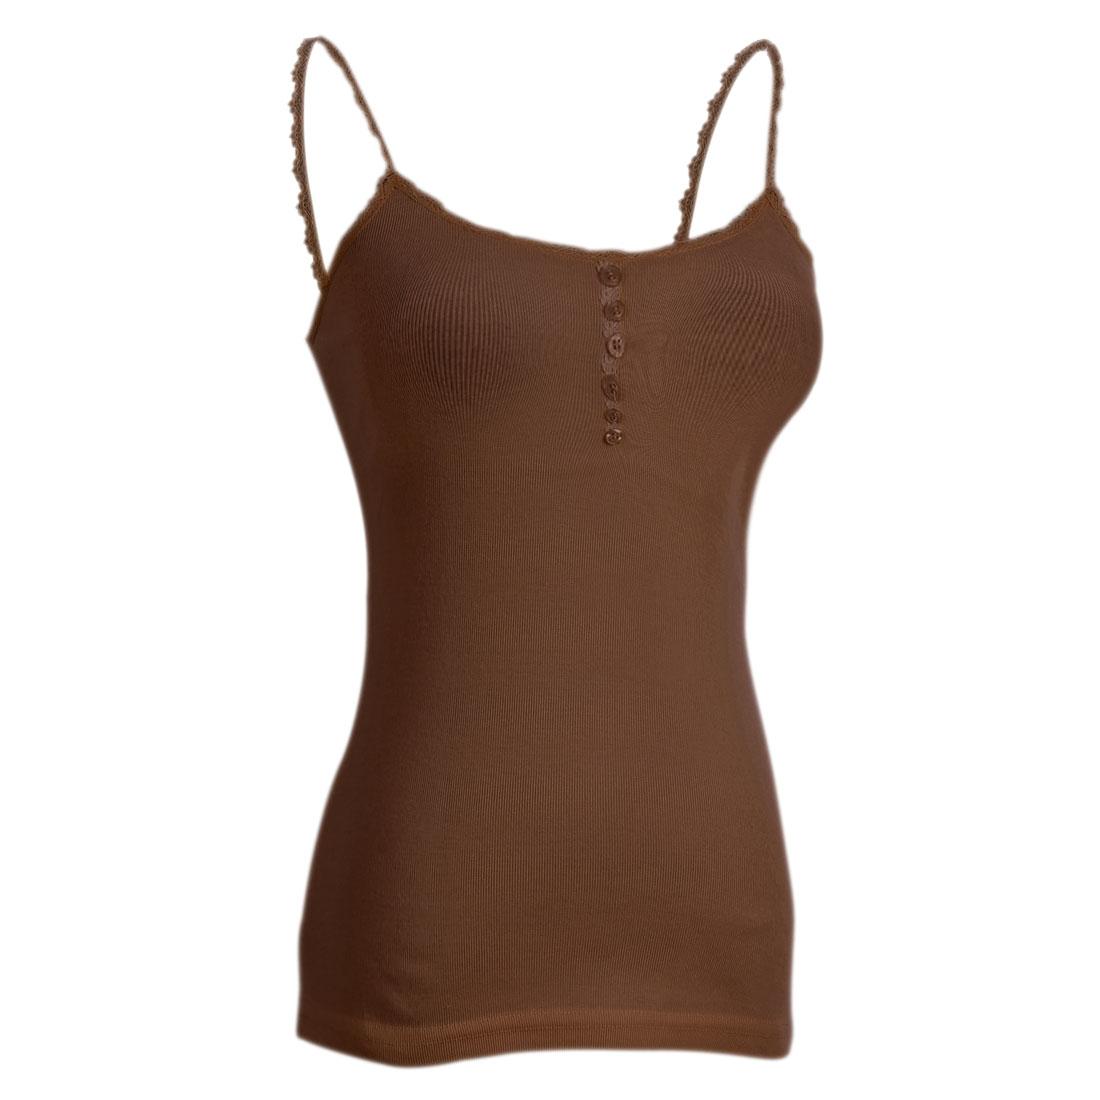 Ladies Single Breasted Decor Elastic Spaghetti Straps Vest Coffee Color XS